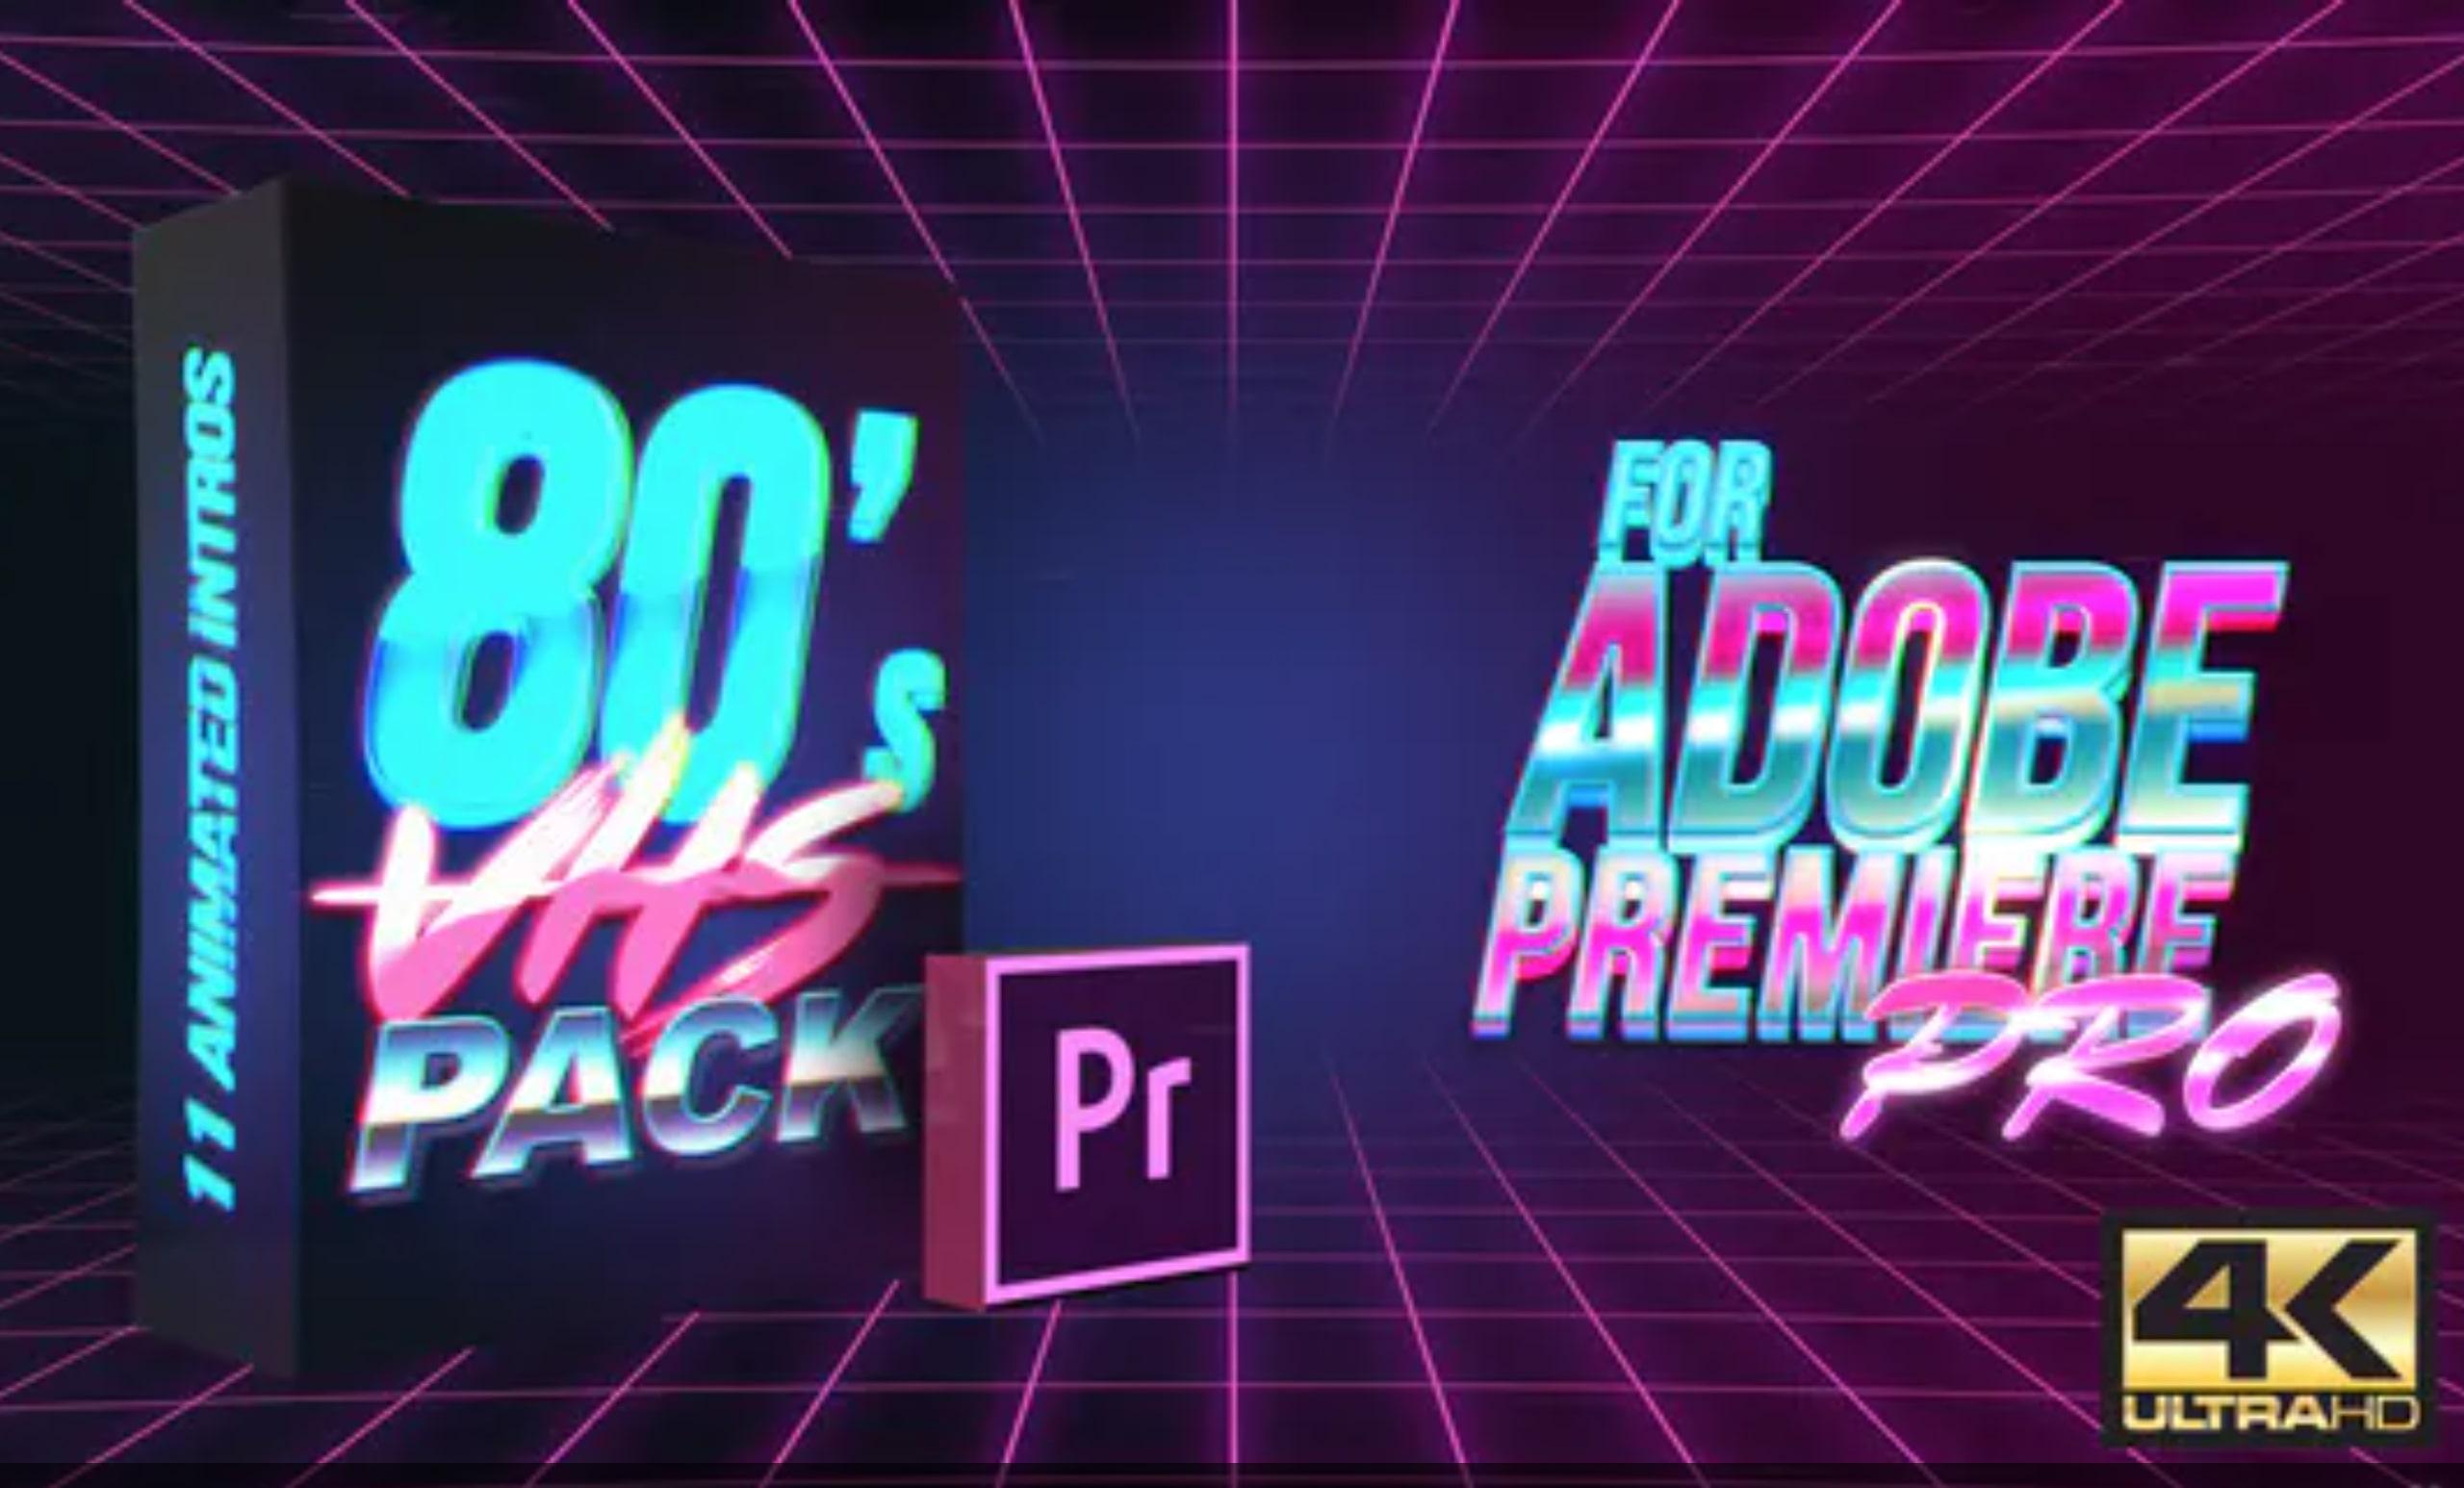 premiere pro glitch effect